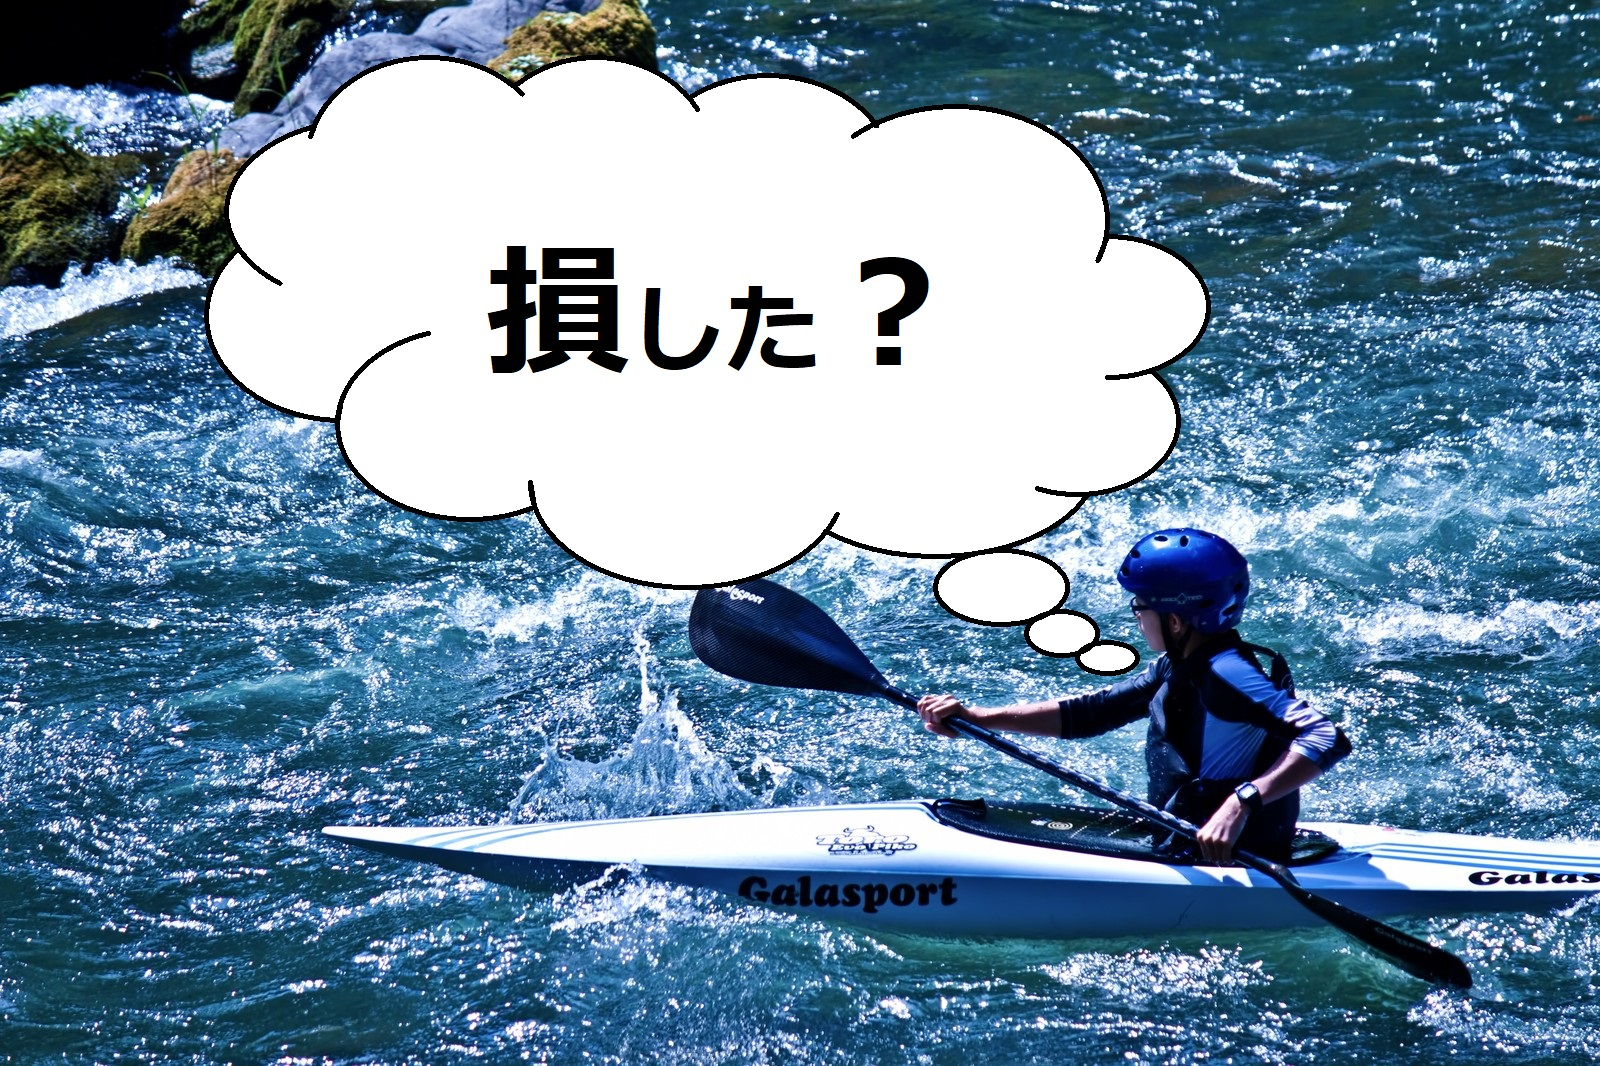 カヌーで渓流下り&問いかけ